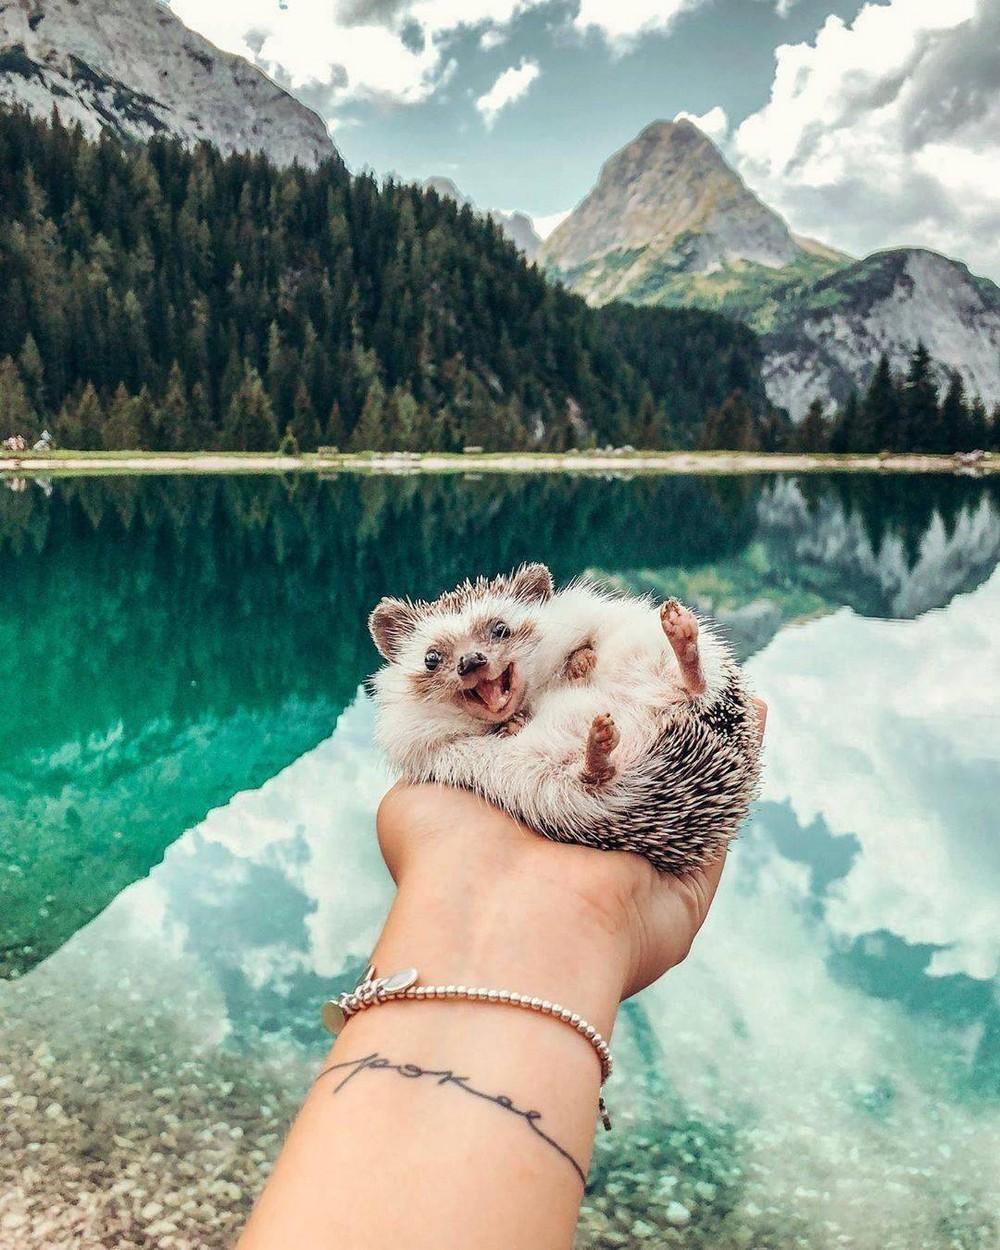 Позитивные фотографии, которые говорят больше чем слова!